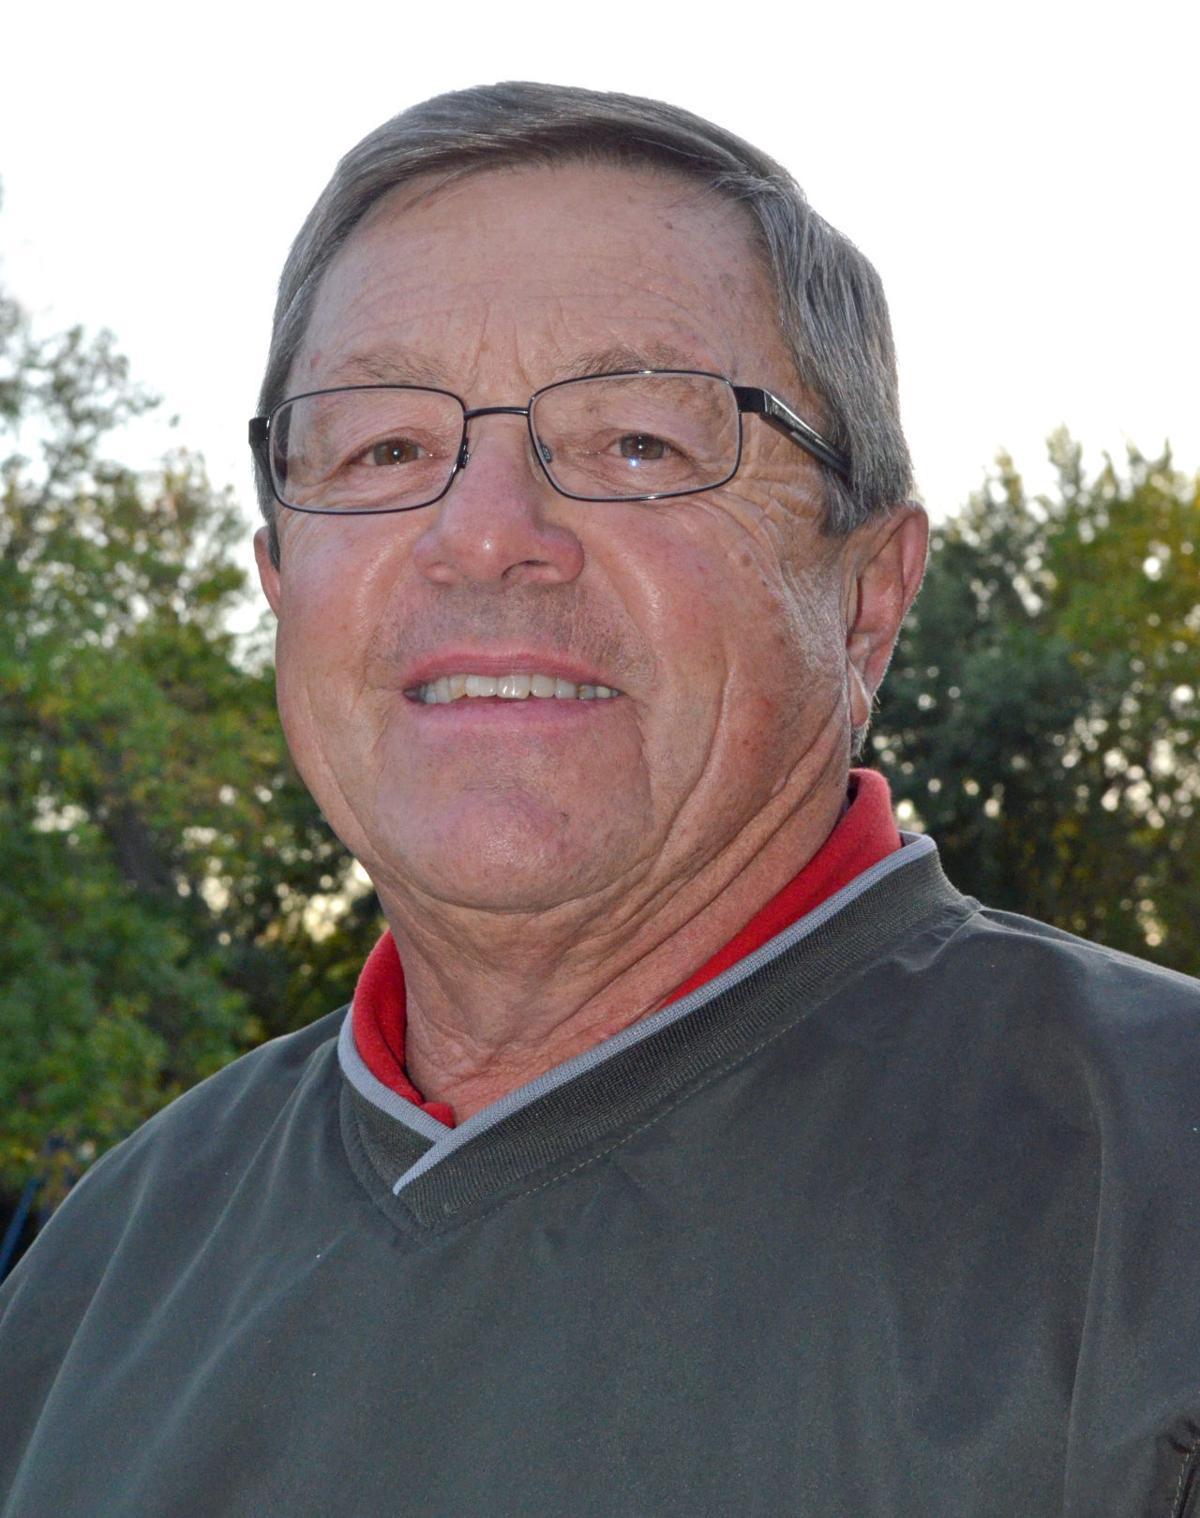 Russ Wiebold